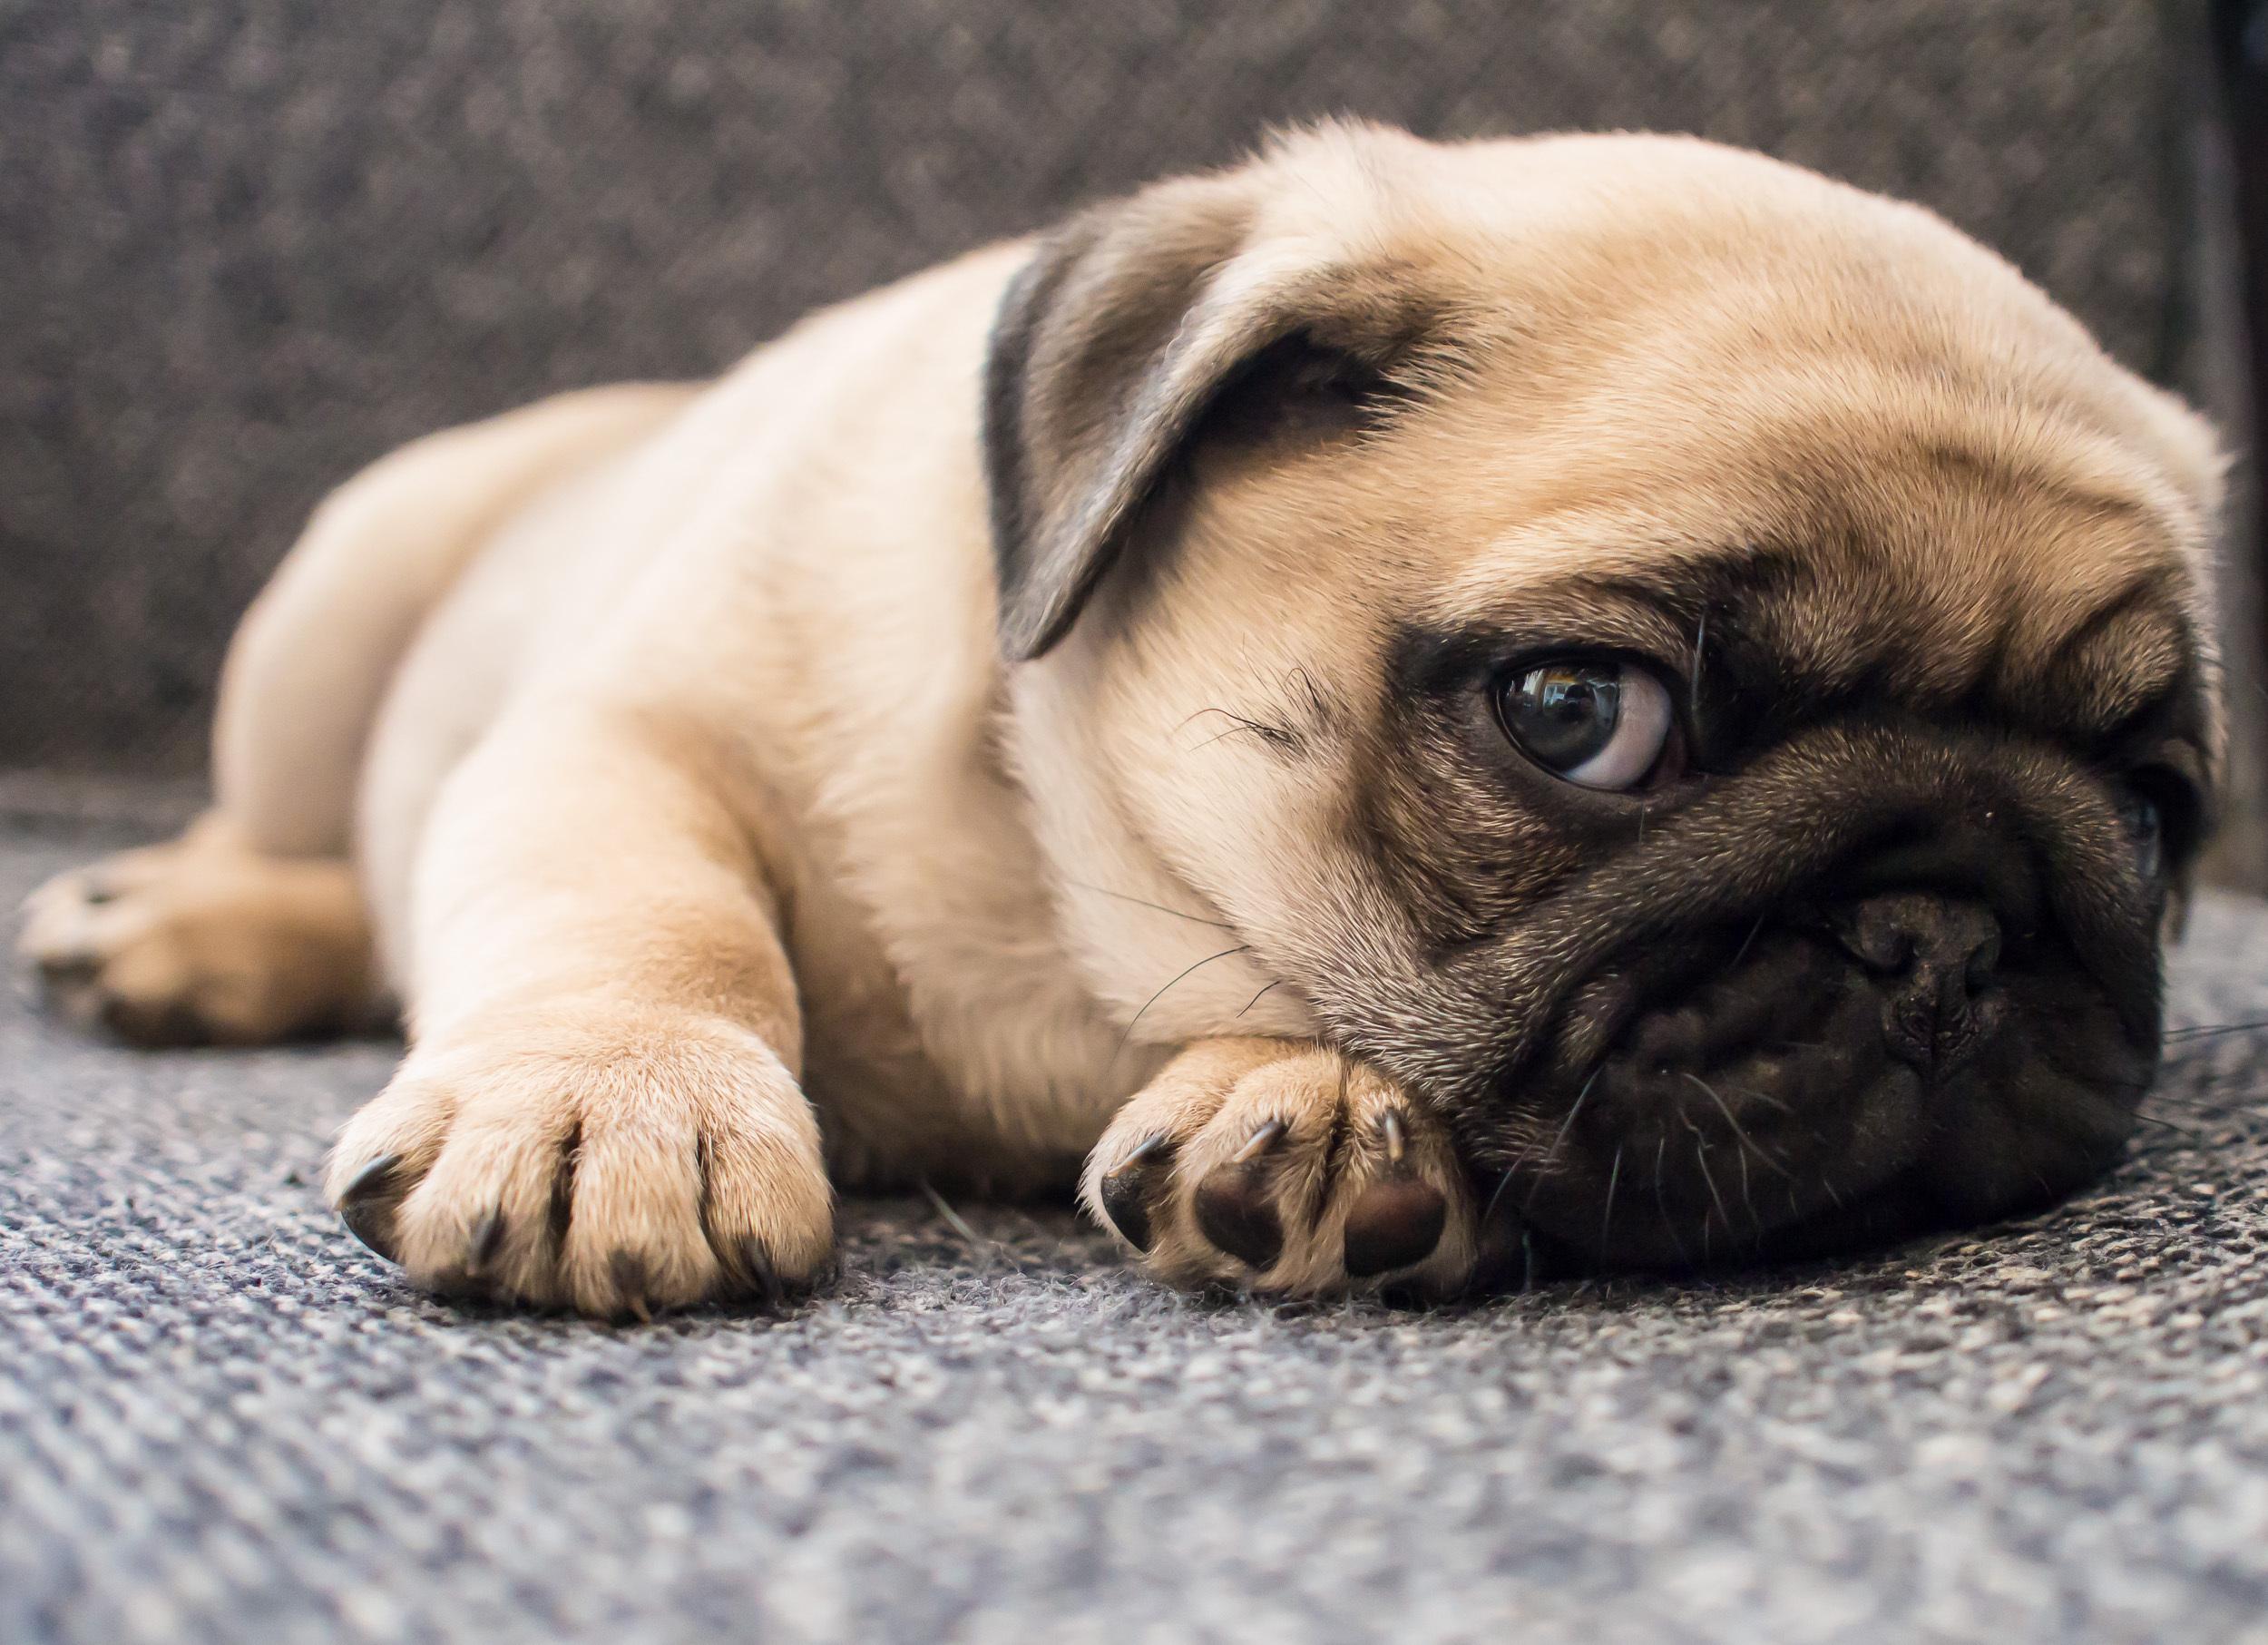 Ny upplysningskampanj för dig som ska köpa hund | DOKTORN